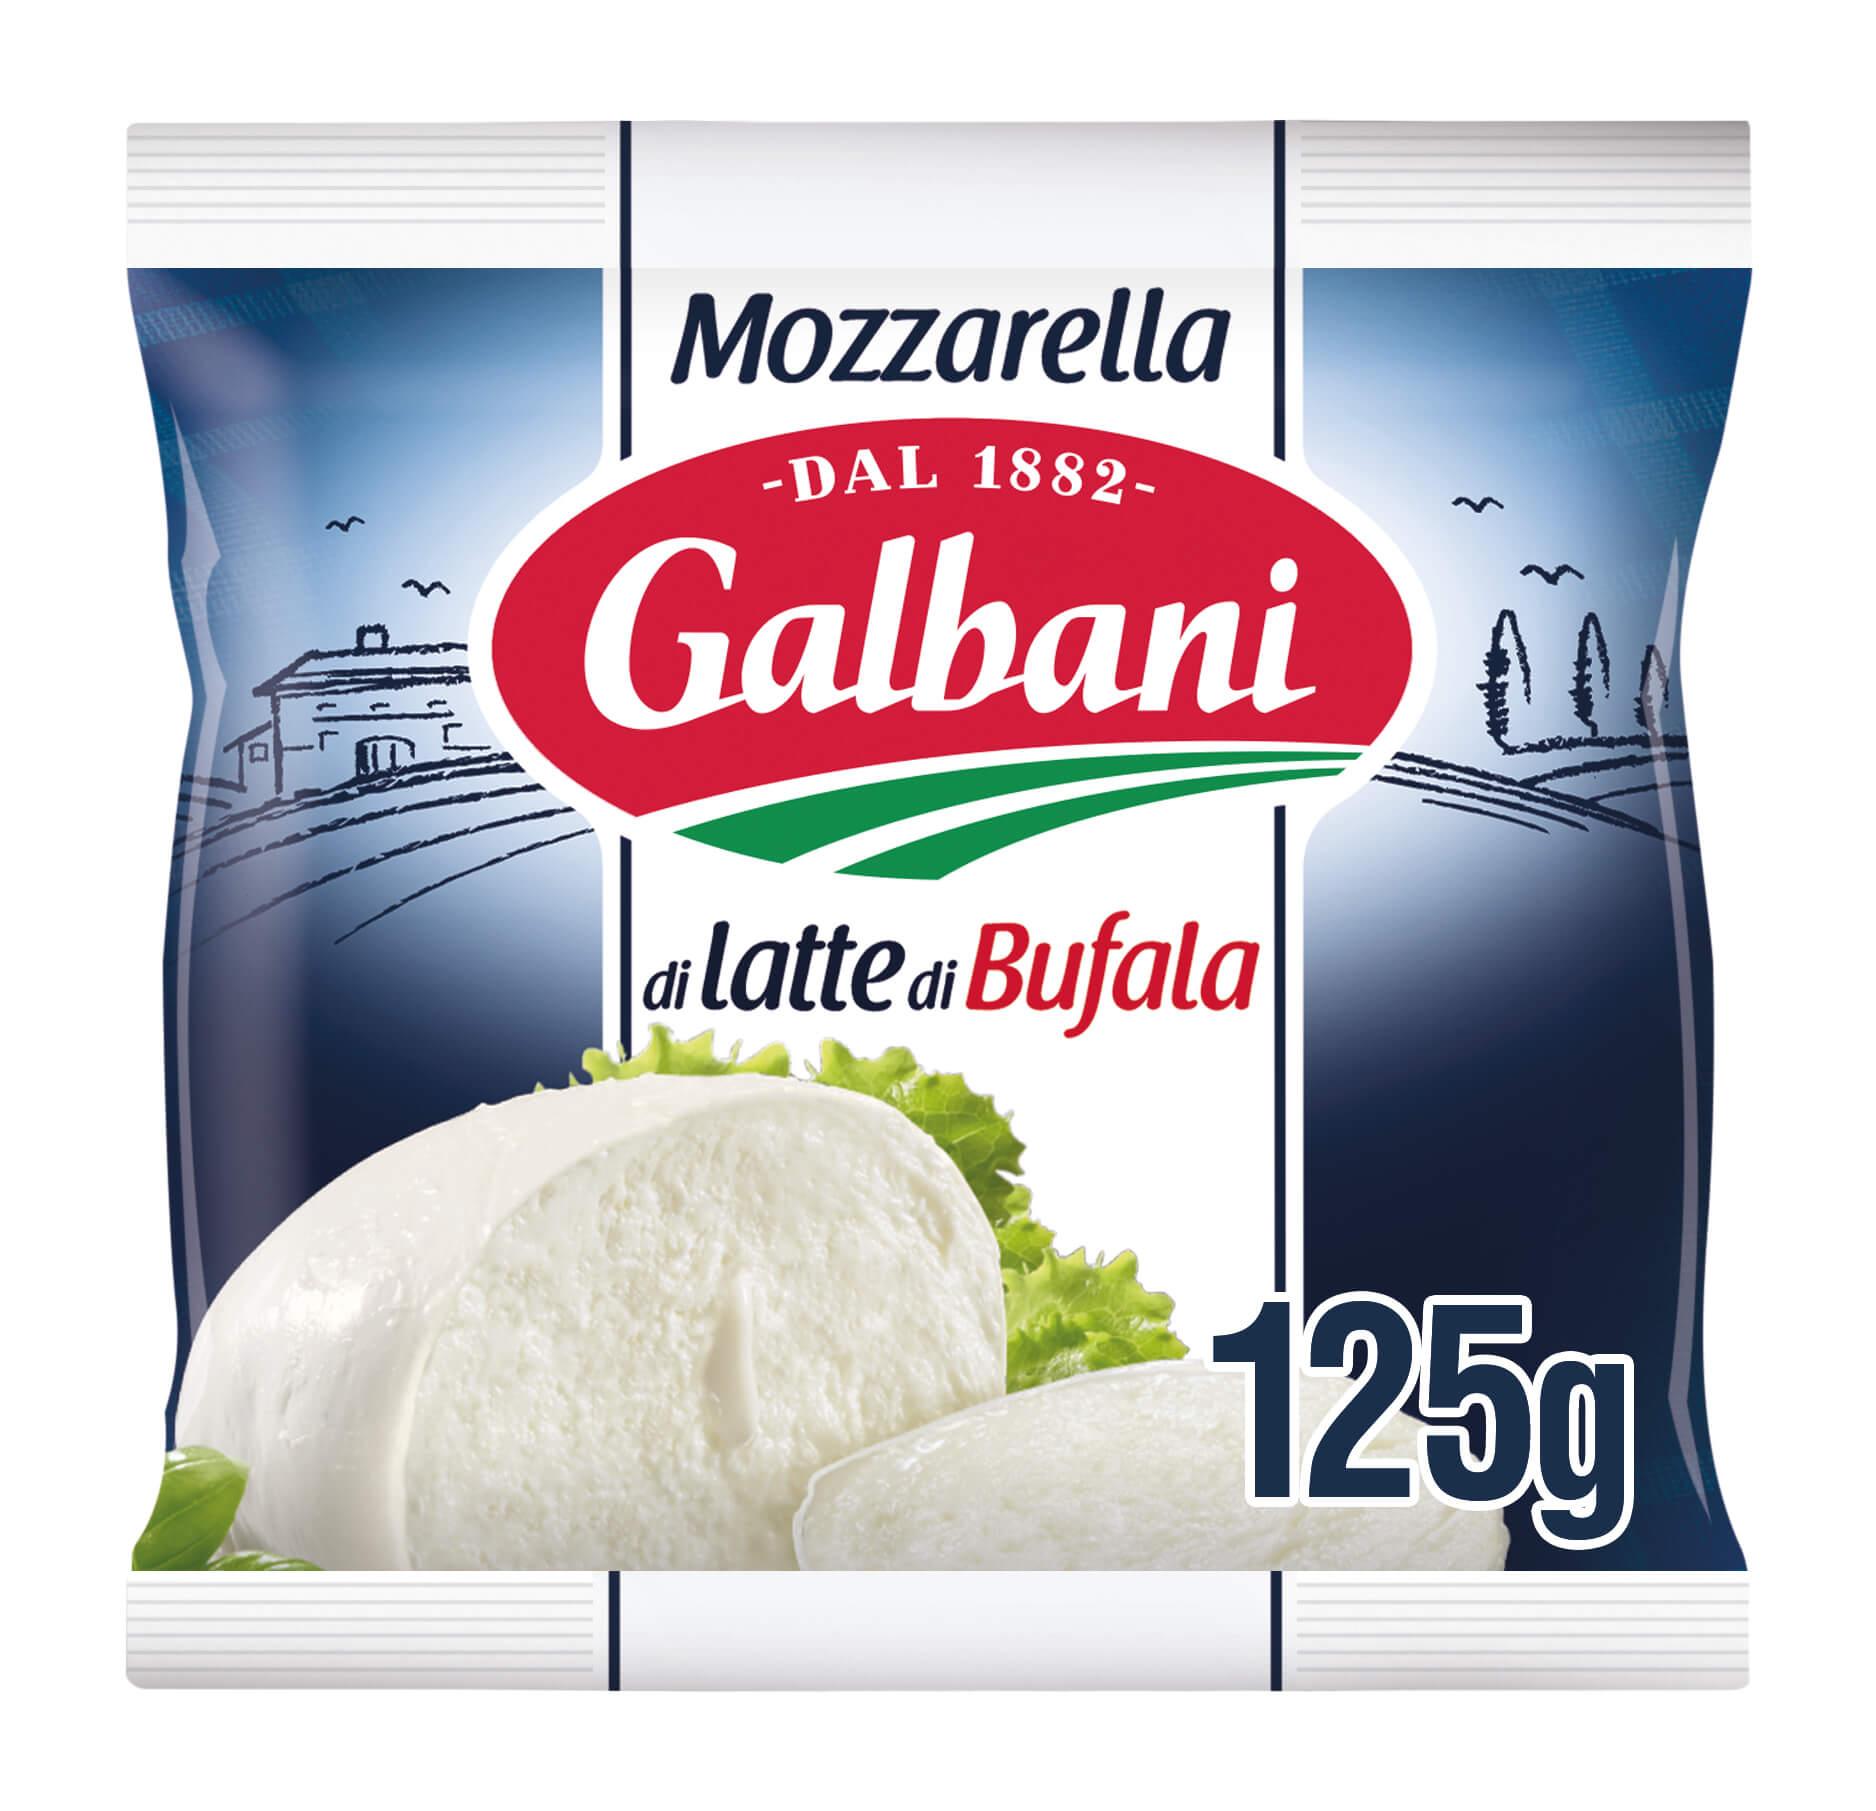 Galbani Mozzarella di Latte di Bufala 125g